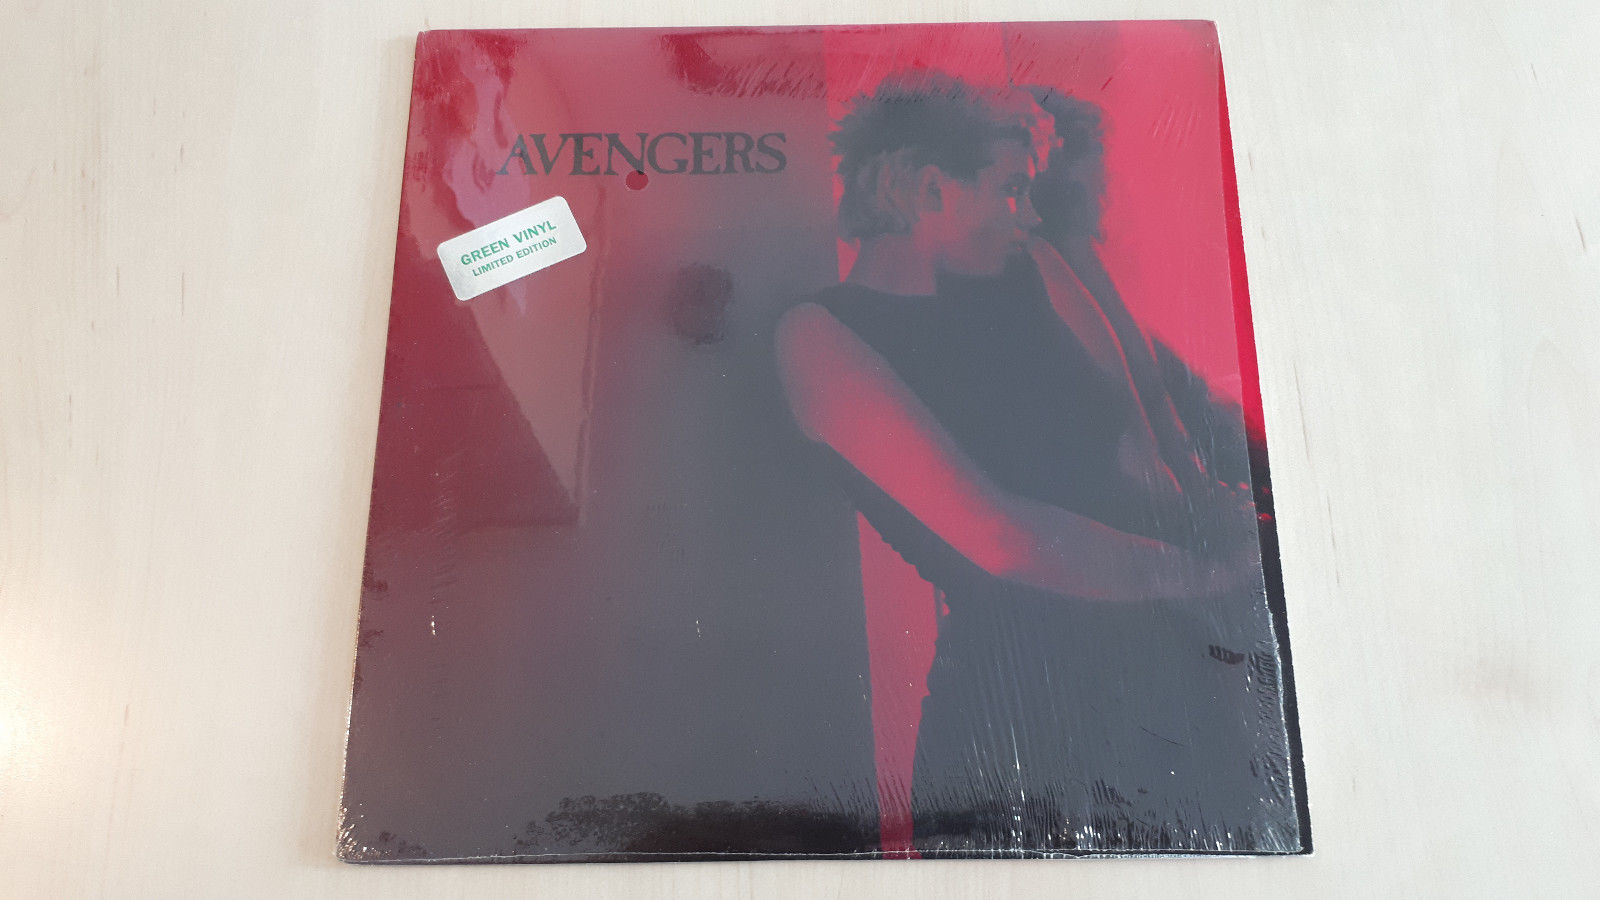 AVENGERS - SAME ( LTD, COLOURED VINYL LP ) SEHR RAR   PENELOPE HOUSTON, PUNK